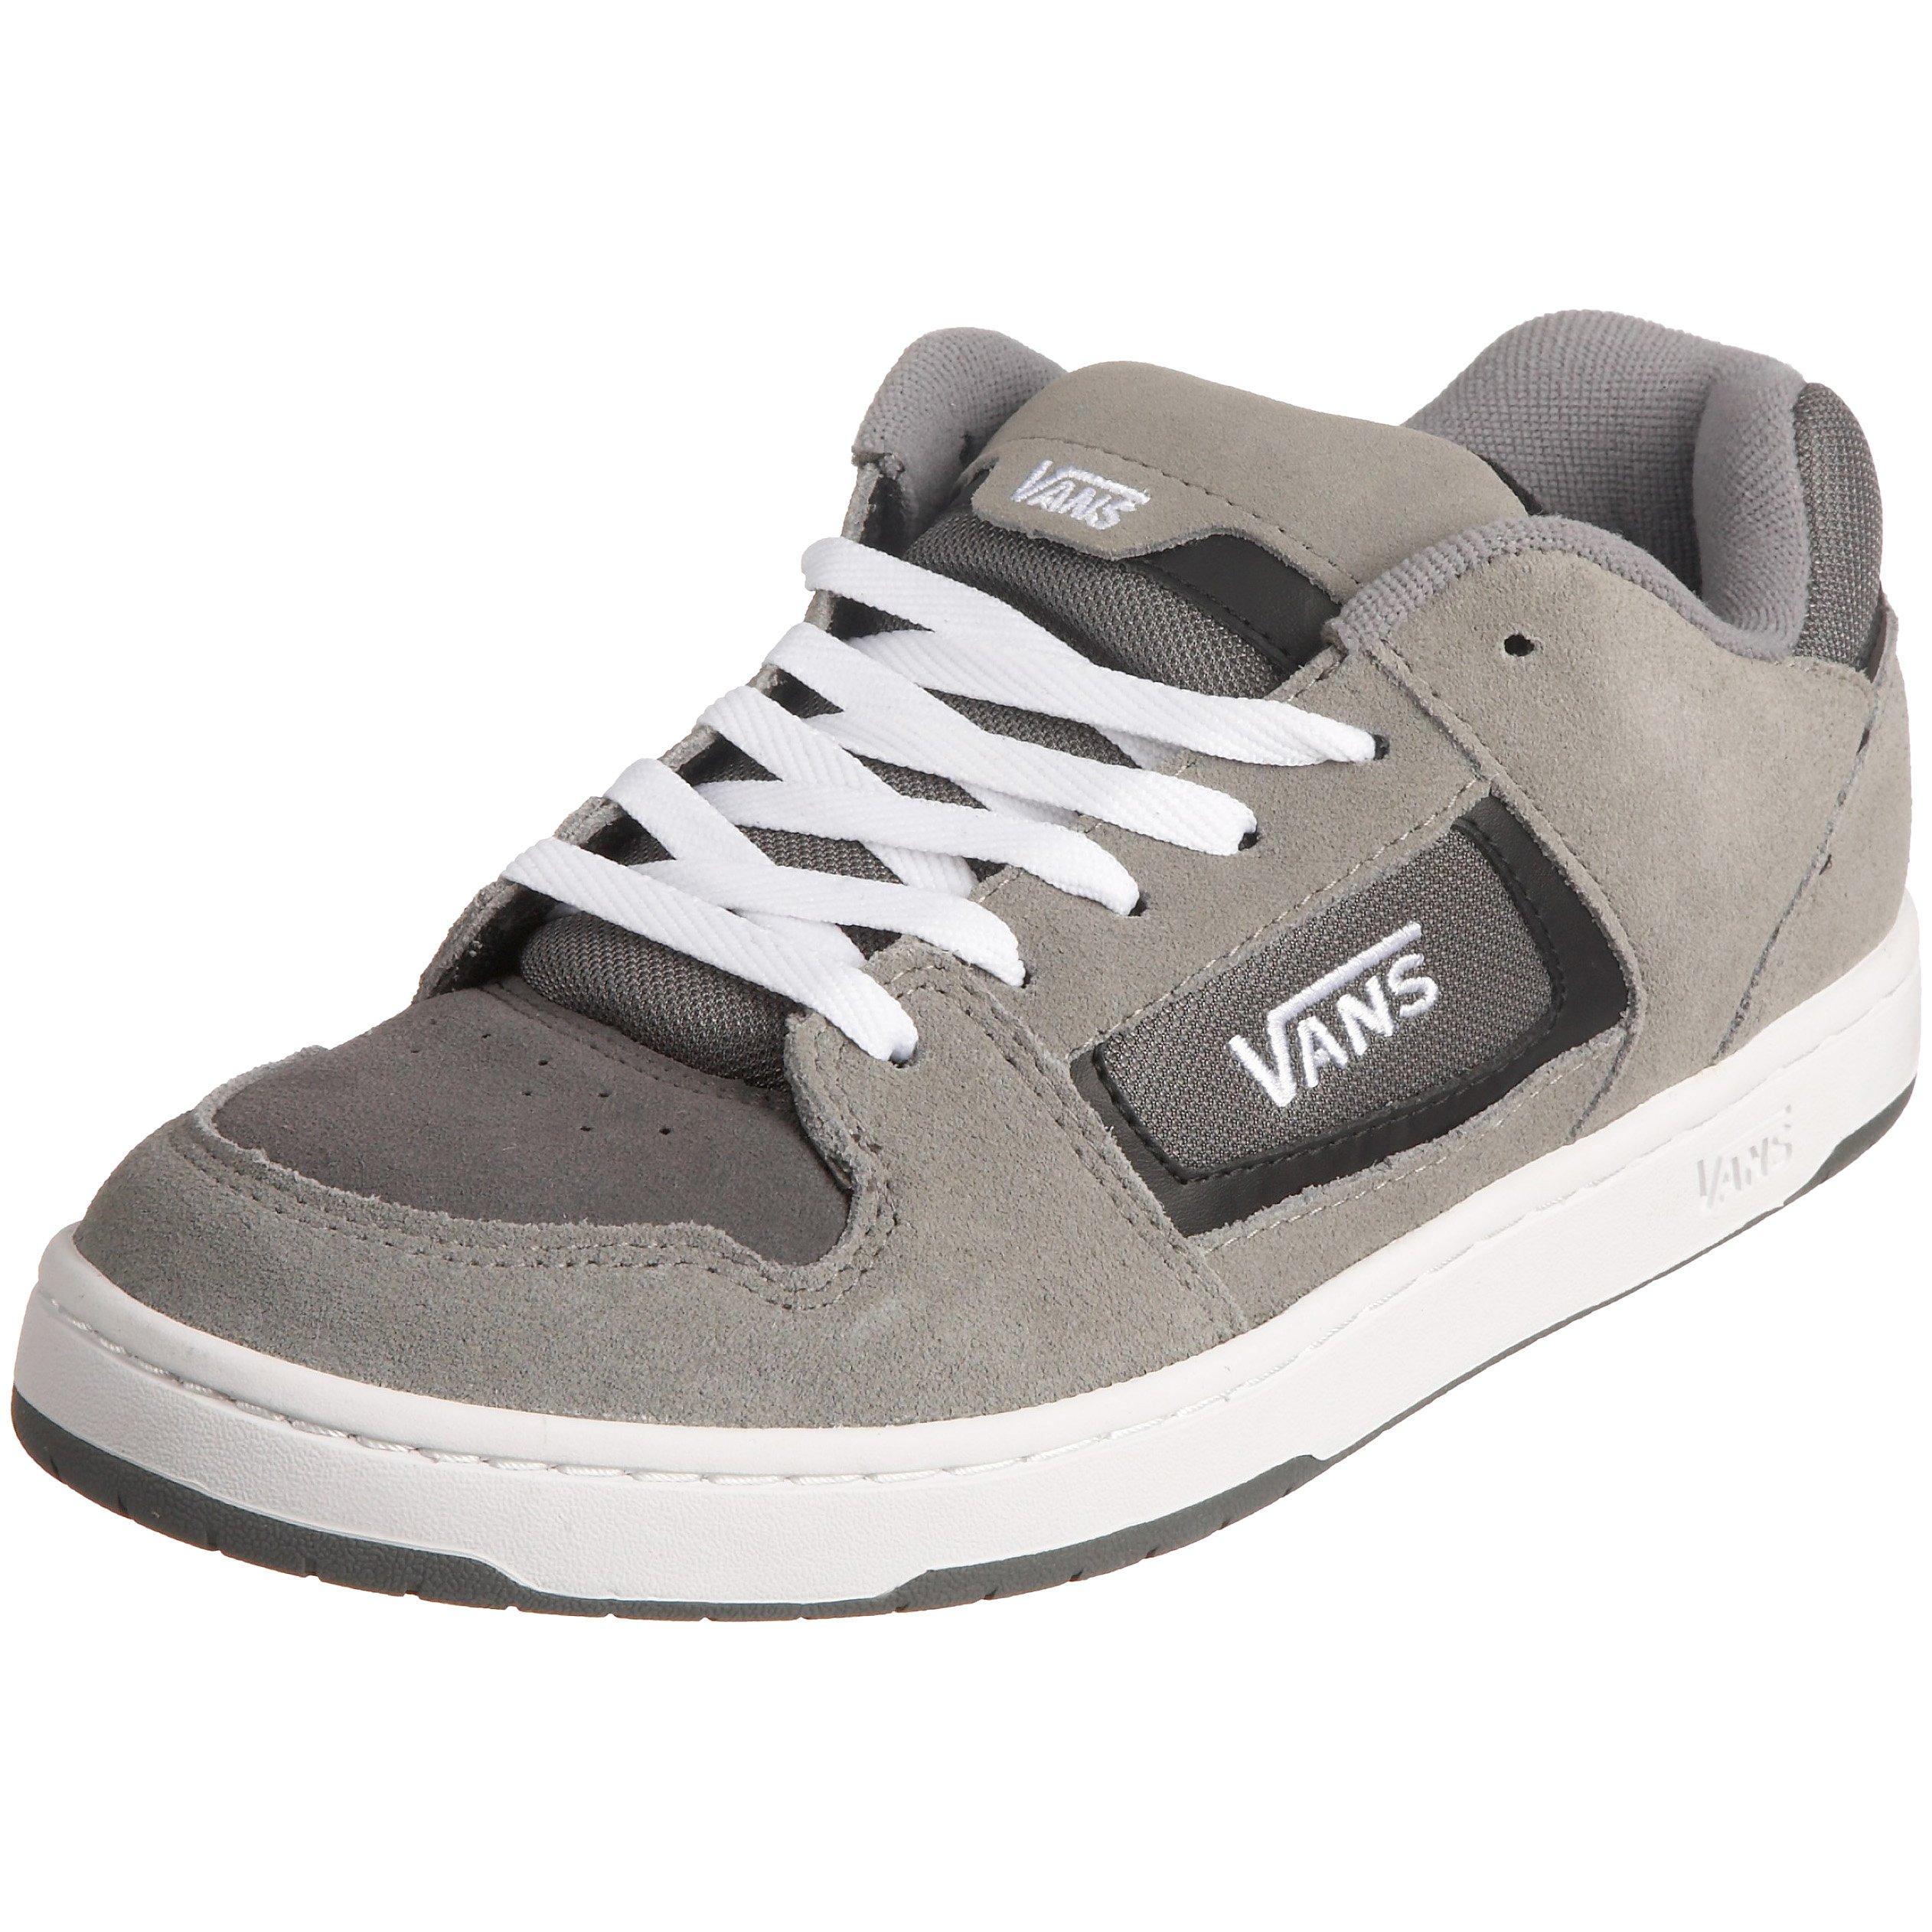 88bcbfe887 Galleon - VANS Men Docket Skate Suede Leather Logo Shoes (10.5 Charcoal  White)